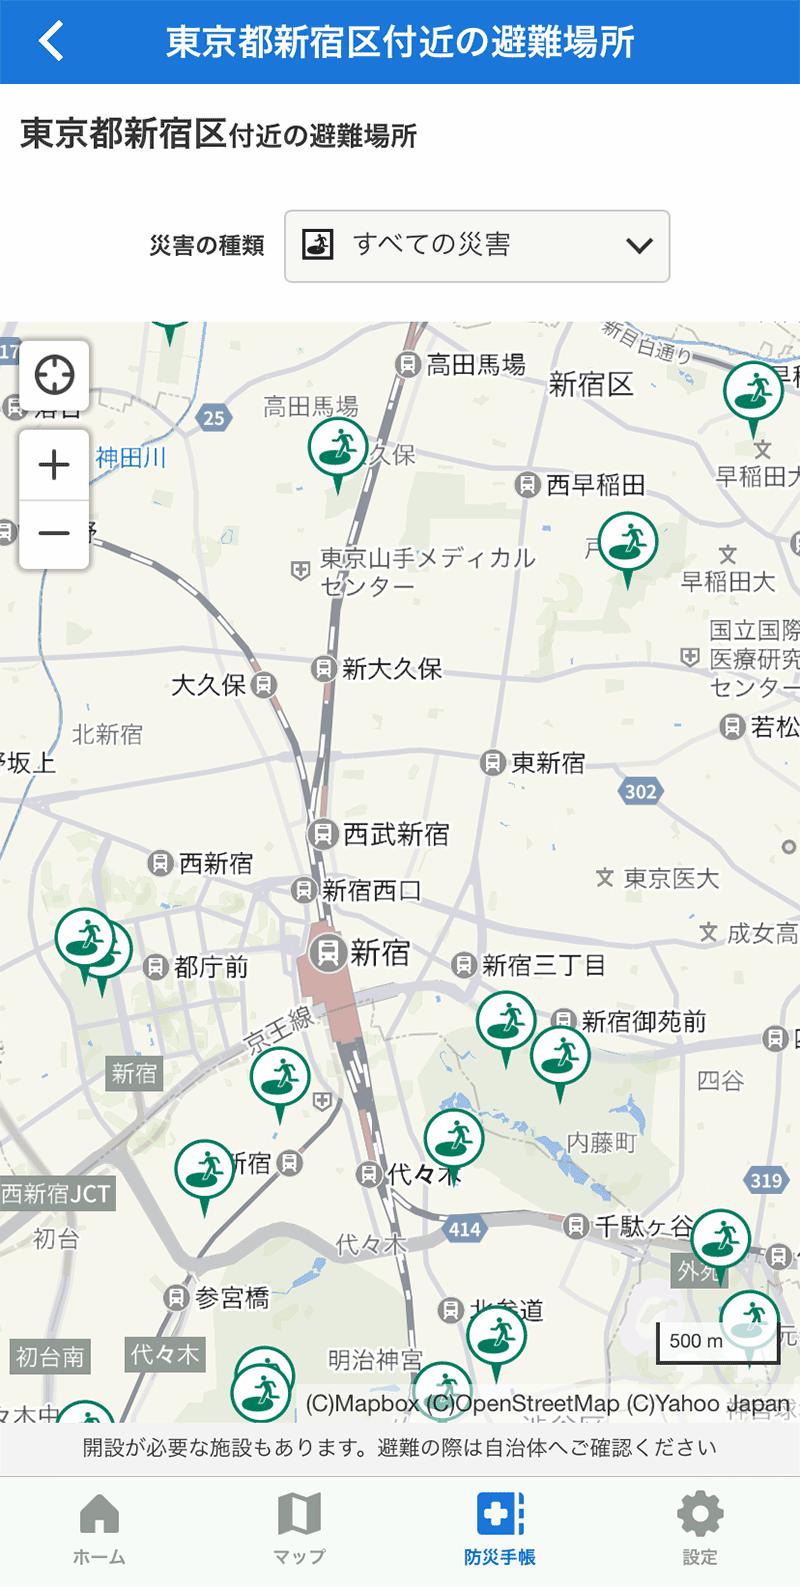 Yahoo!防災速報全ての災害避難マップ